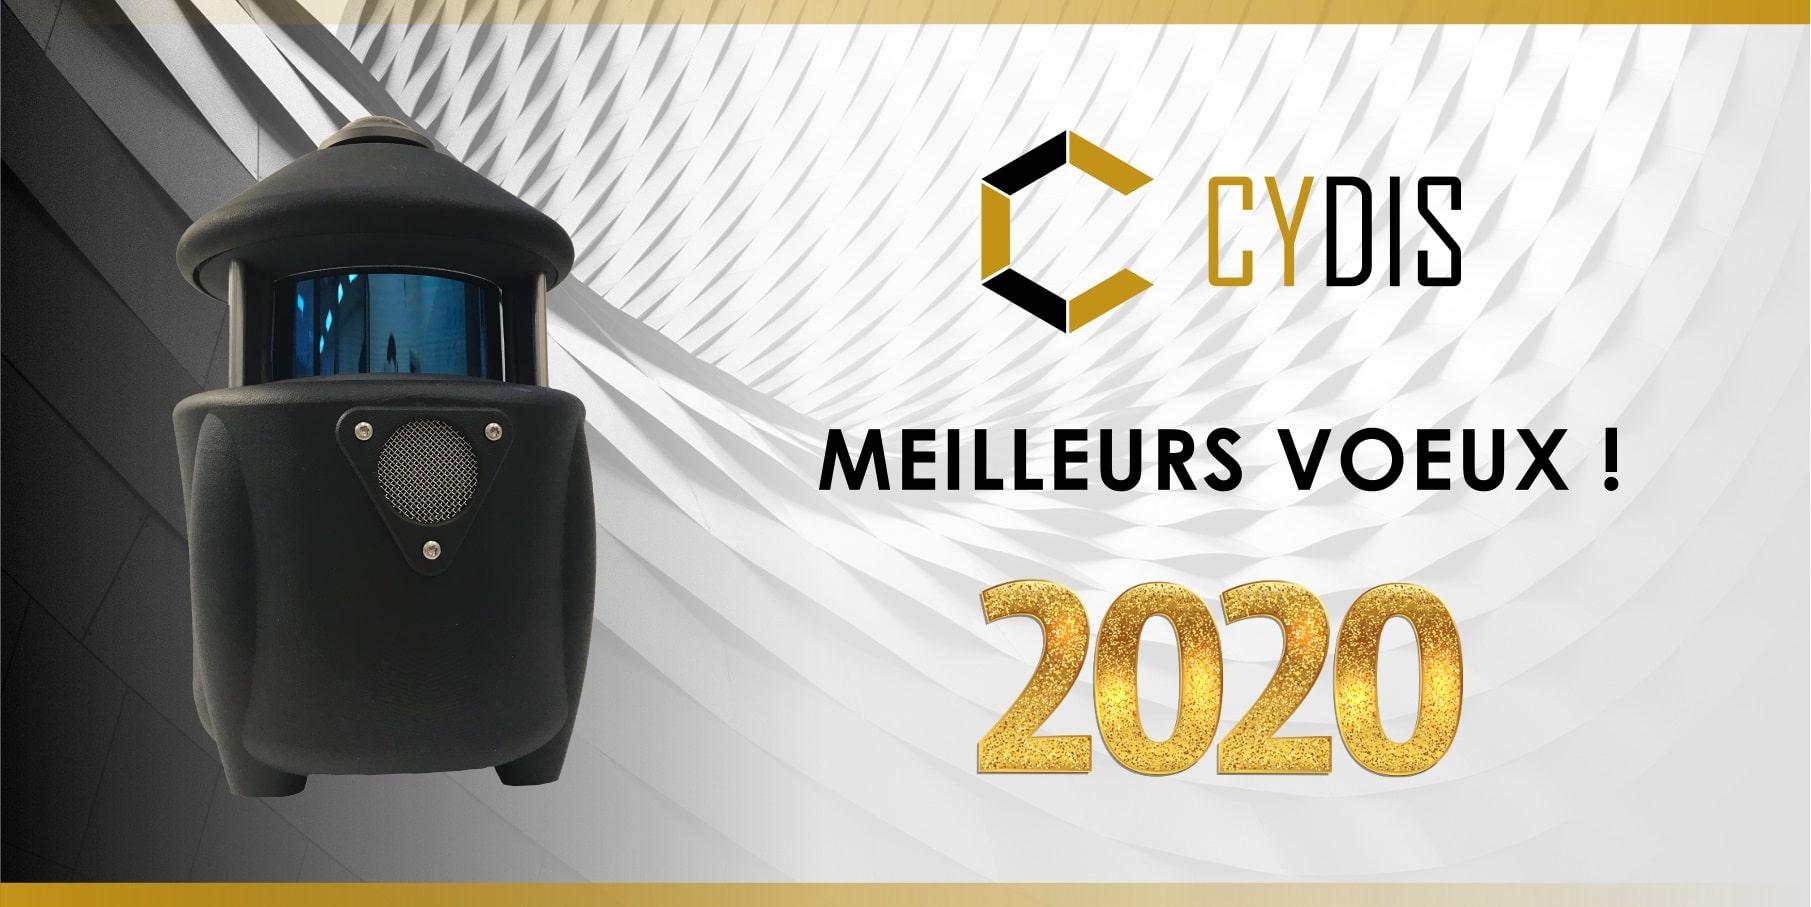 CYDIS PX-80 meilleurs vœux